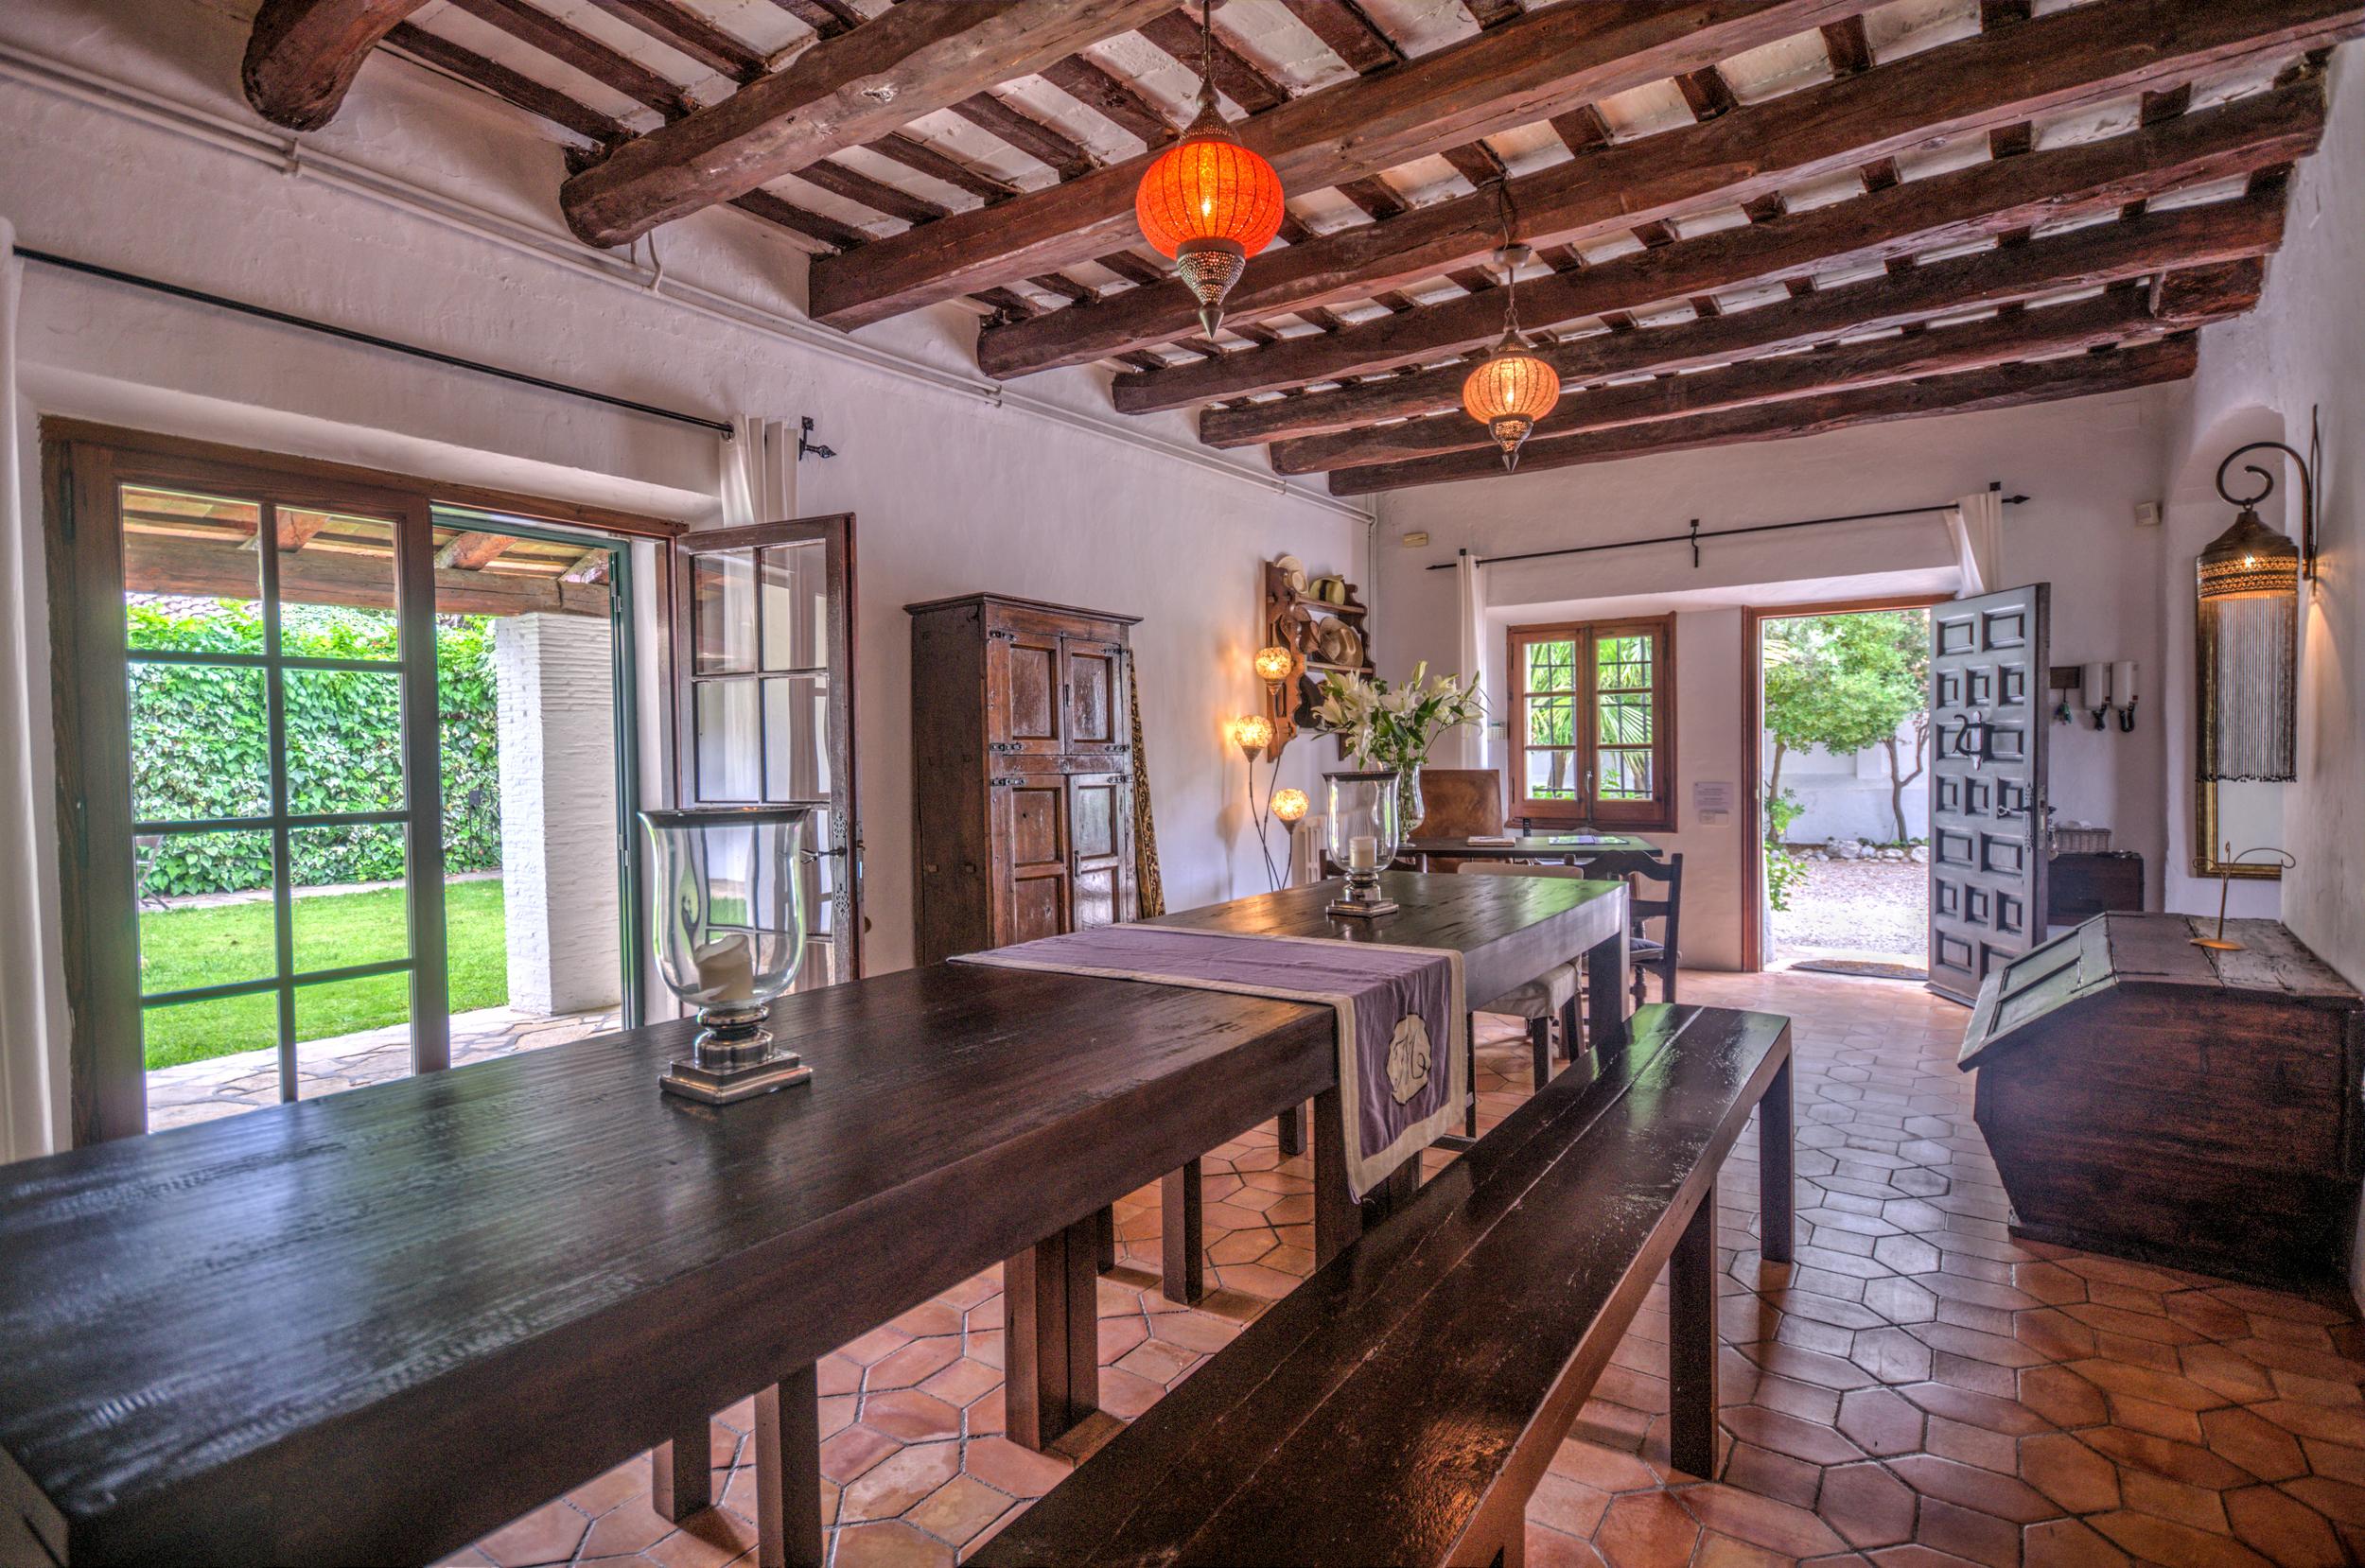 56 Masia Pairal indoor dining area.jpg